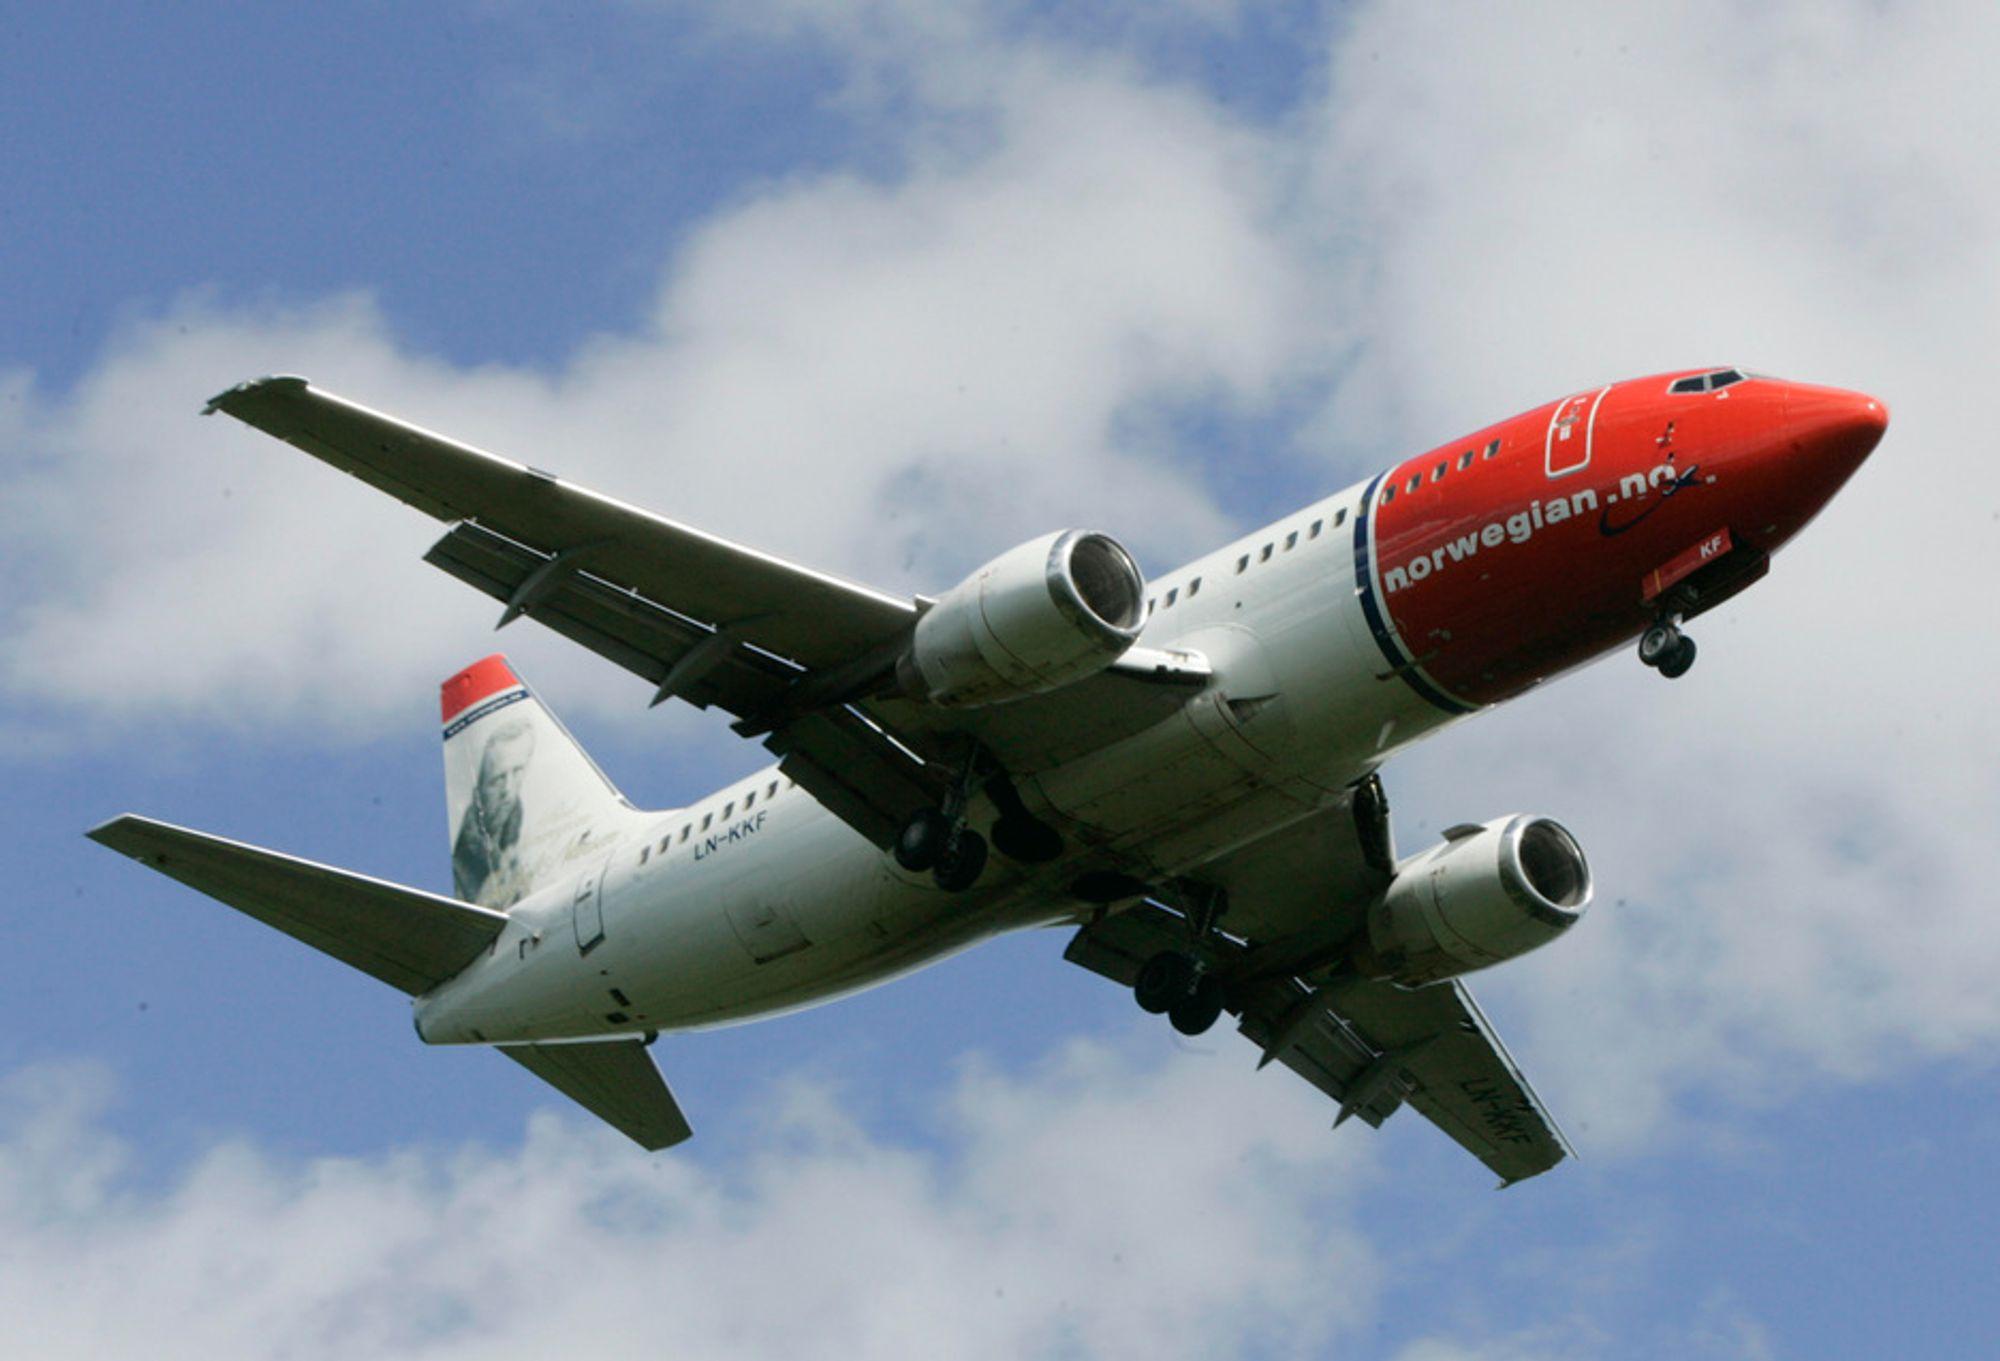 Luftfartstilsynet har mistet kjernekompetanse som følge av flyttingen fra Oslo til Bodø. Flyselskapenes tillit til tilsynet er også svekket, kommer det fram i en ny rapport.